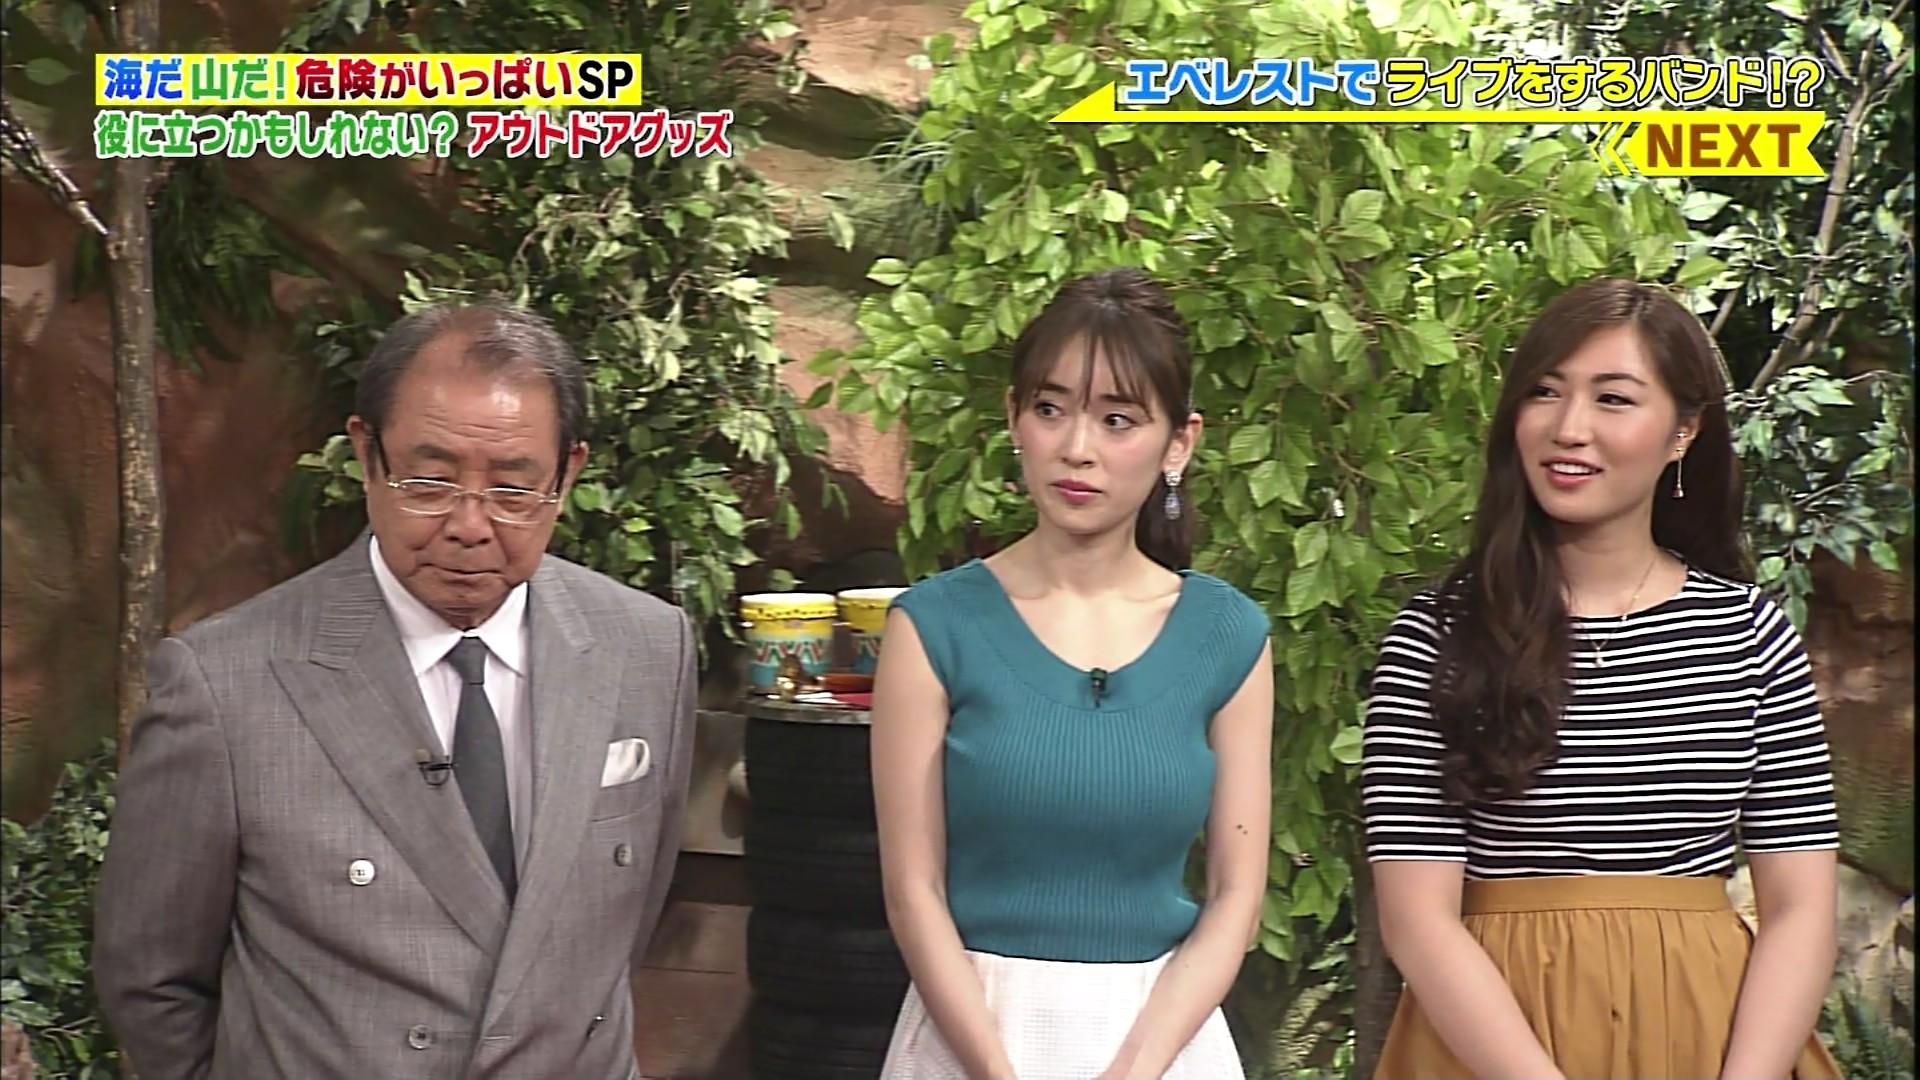 (えろ写真)泉里香さんのデッカすぎおぱーい☆☆☆小町小娘 でロケット乳でノースリーブとか好きすぎる世界まる見え☆テレビ特捜部キャプ写真